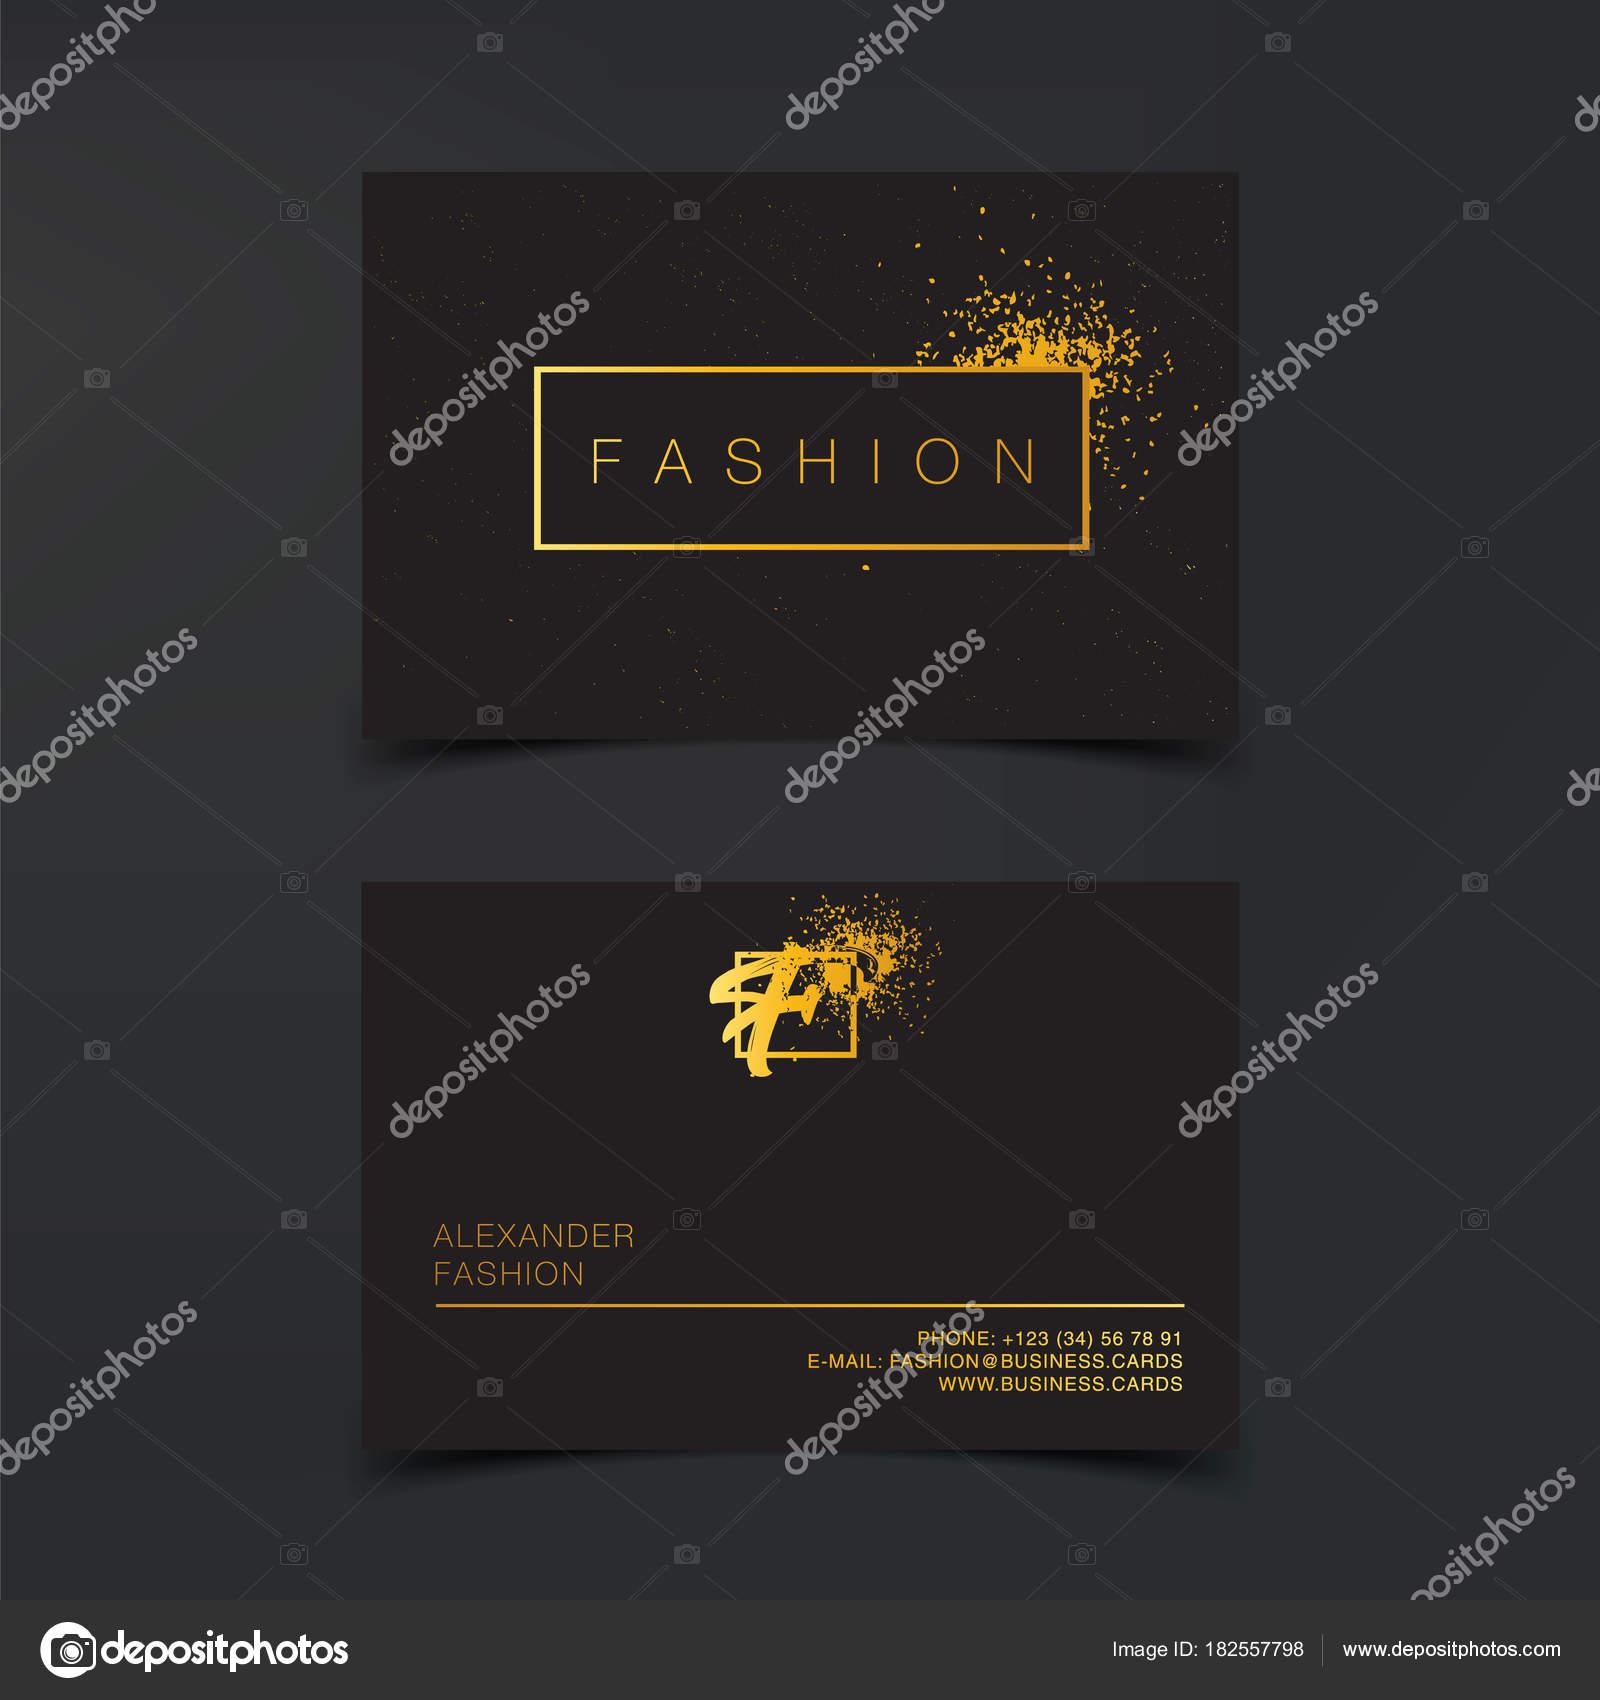 Cartes De Visite Luxe Mode Vecteur Modele Banniere Et Couvrir Avec La Texture Poussiere Dor Les Details Feuille Sur Fond Noir